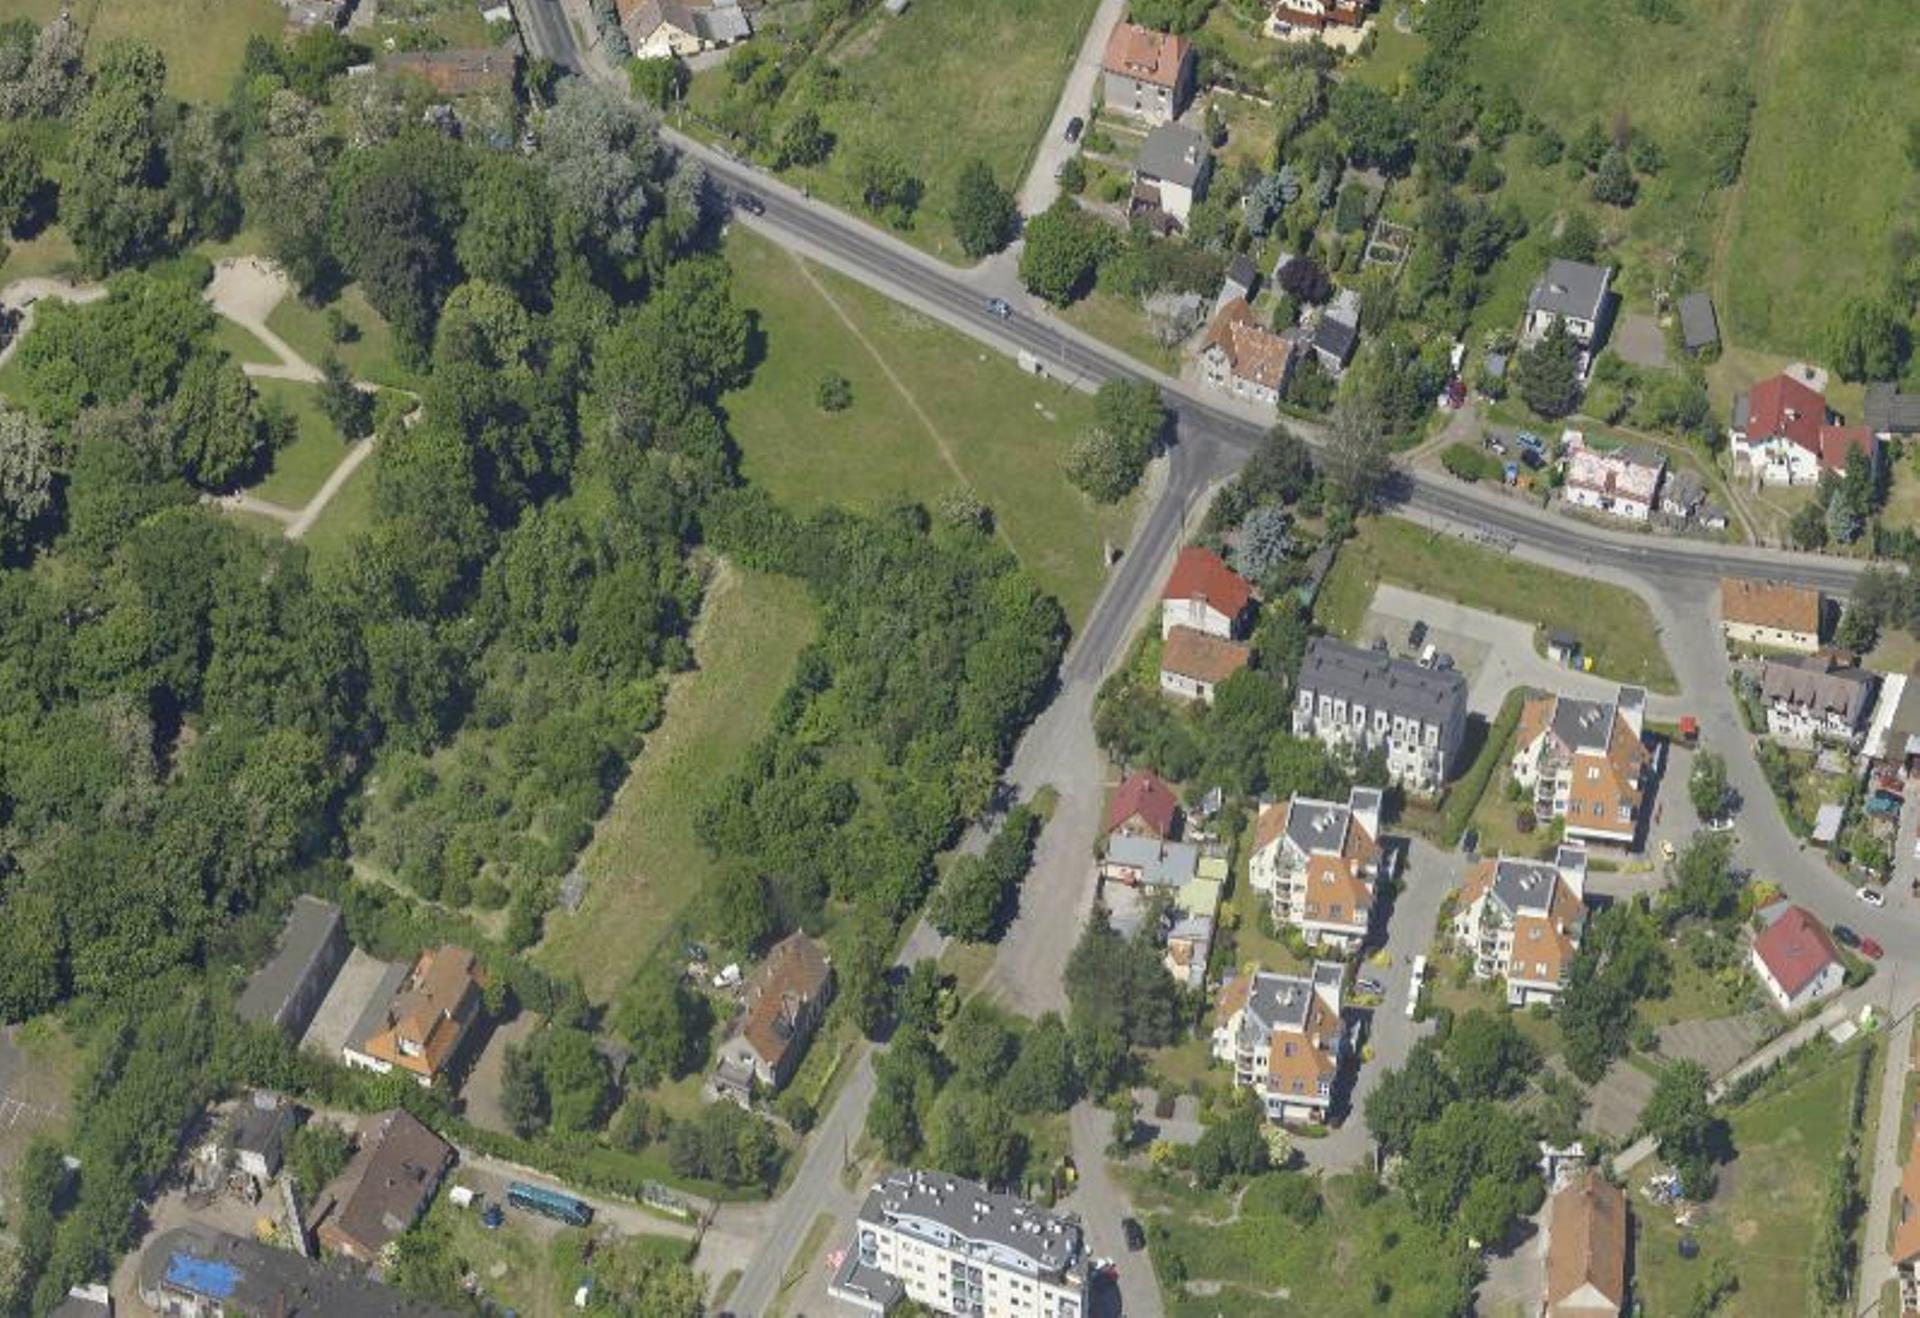 Wrocław: Miasto planuje sprzedaż kilku działek na Żernikach